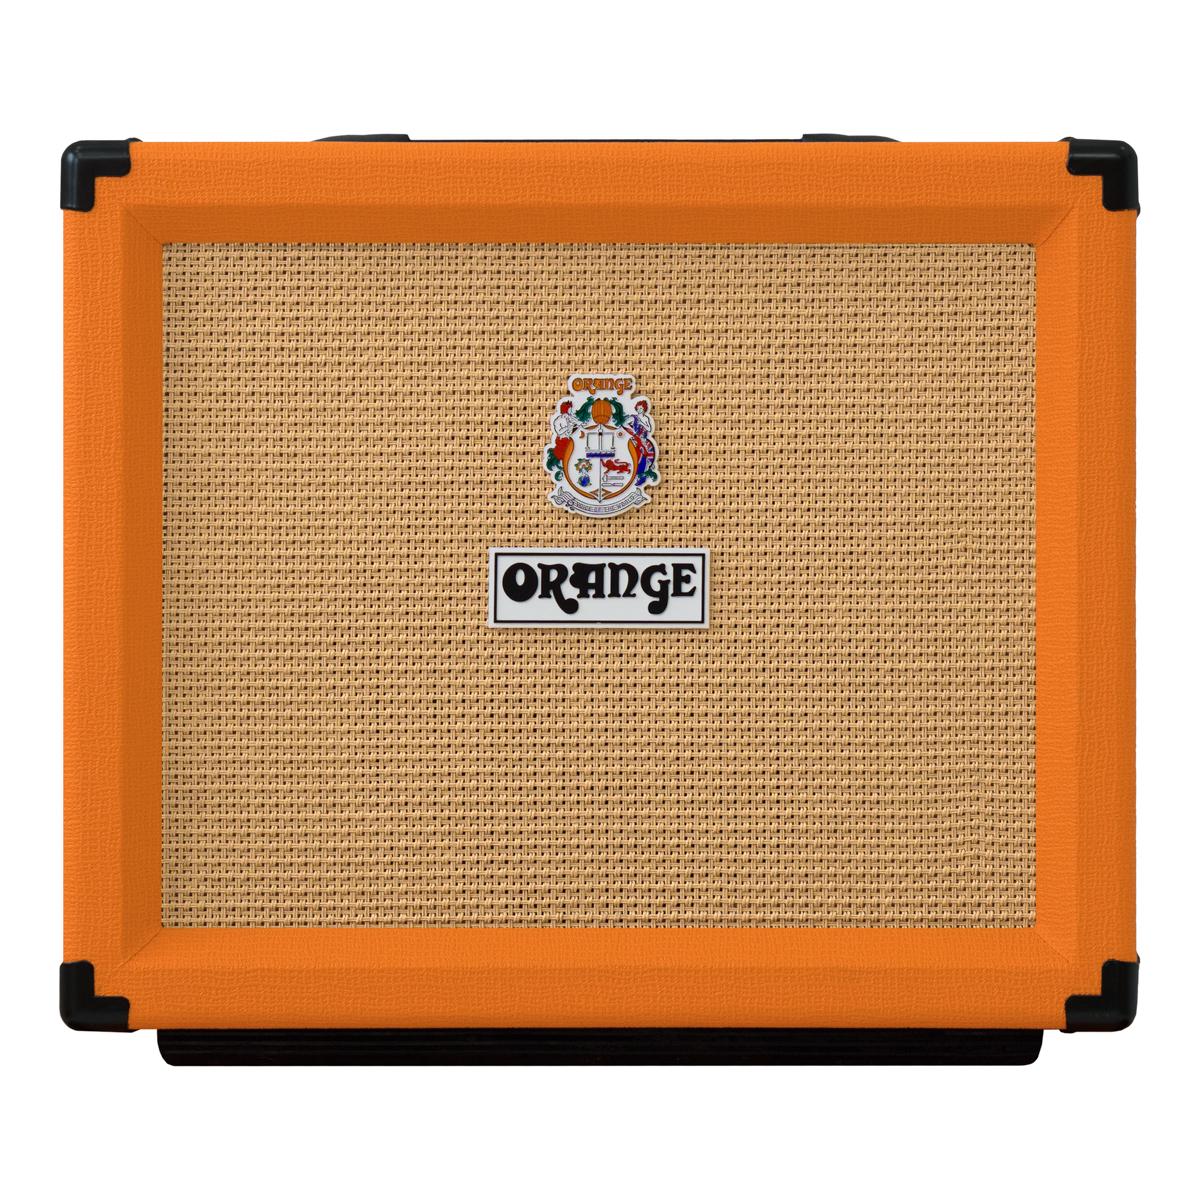 Orange Rocker 15 kitarakombo tuotekuva.